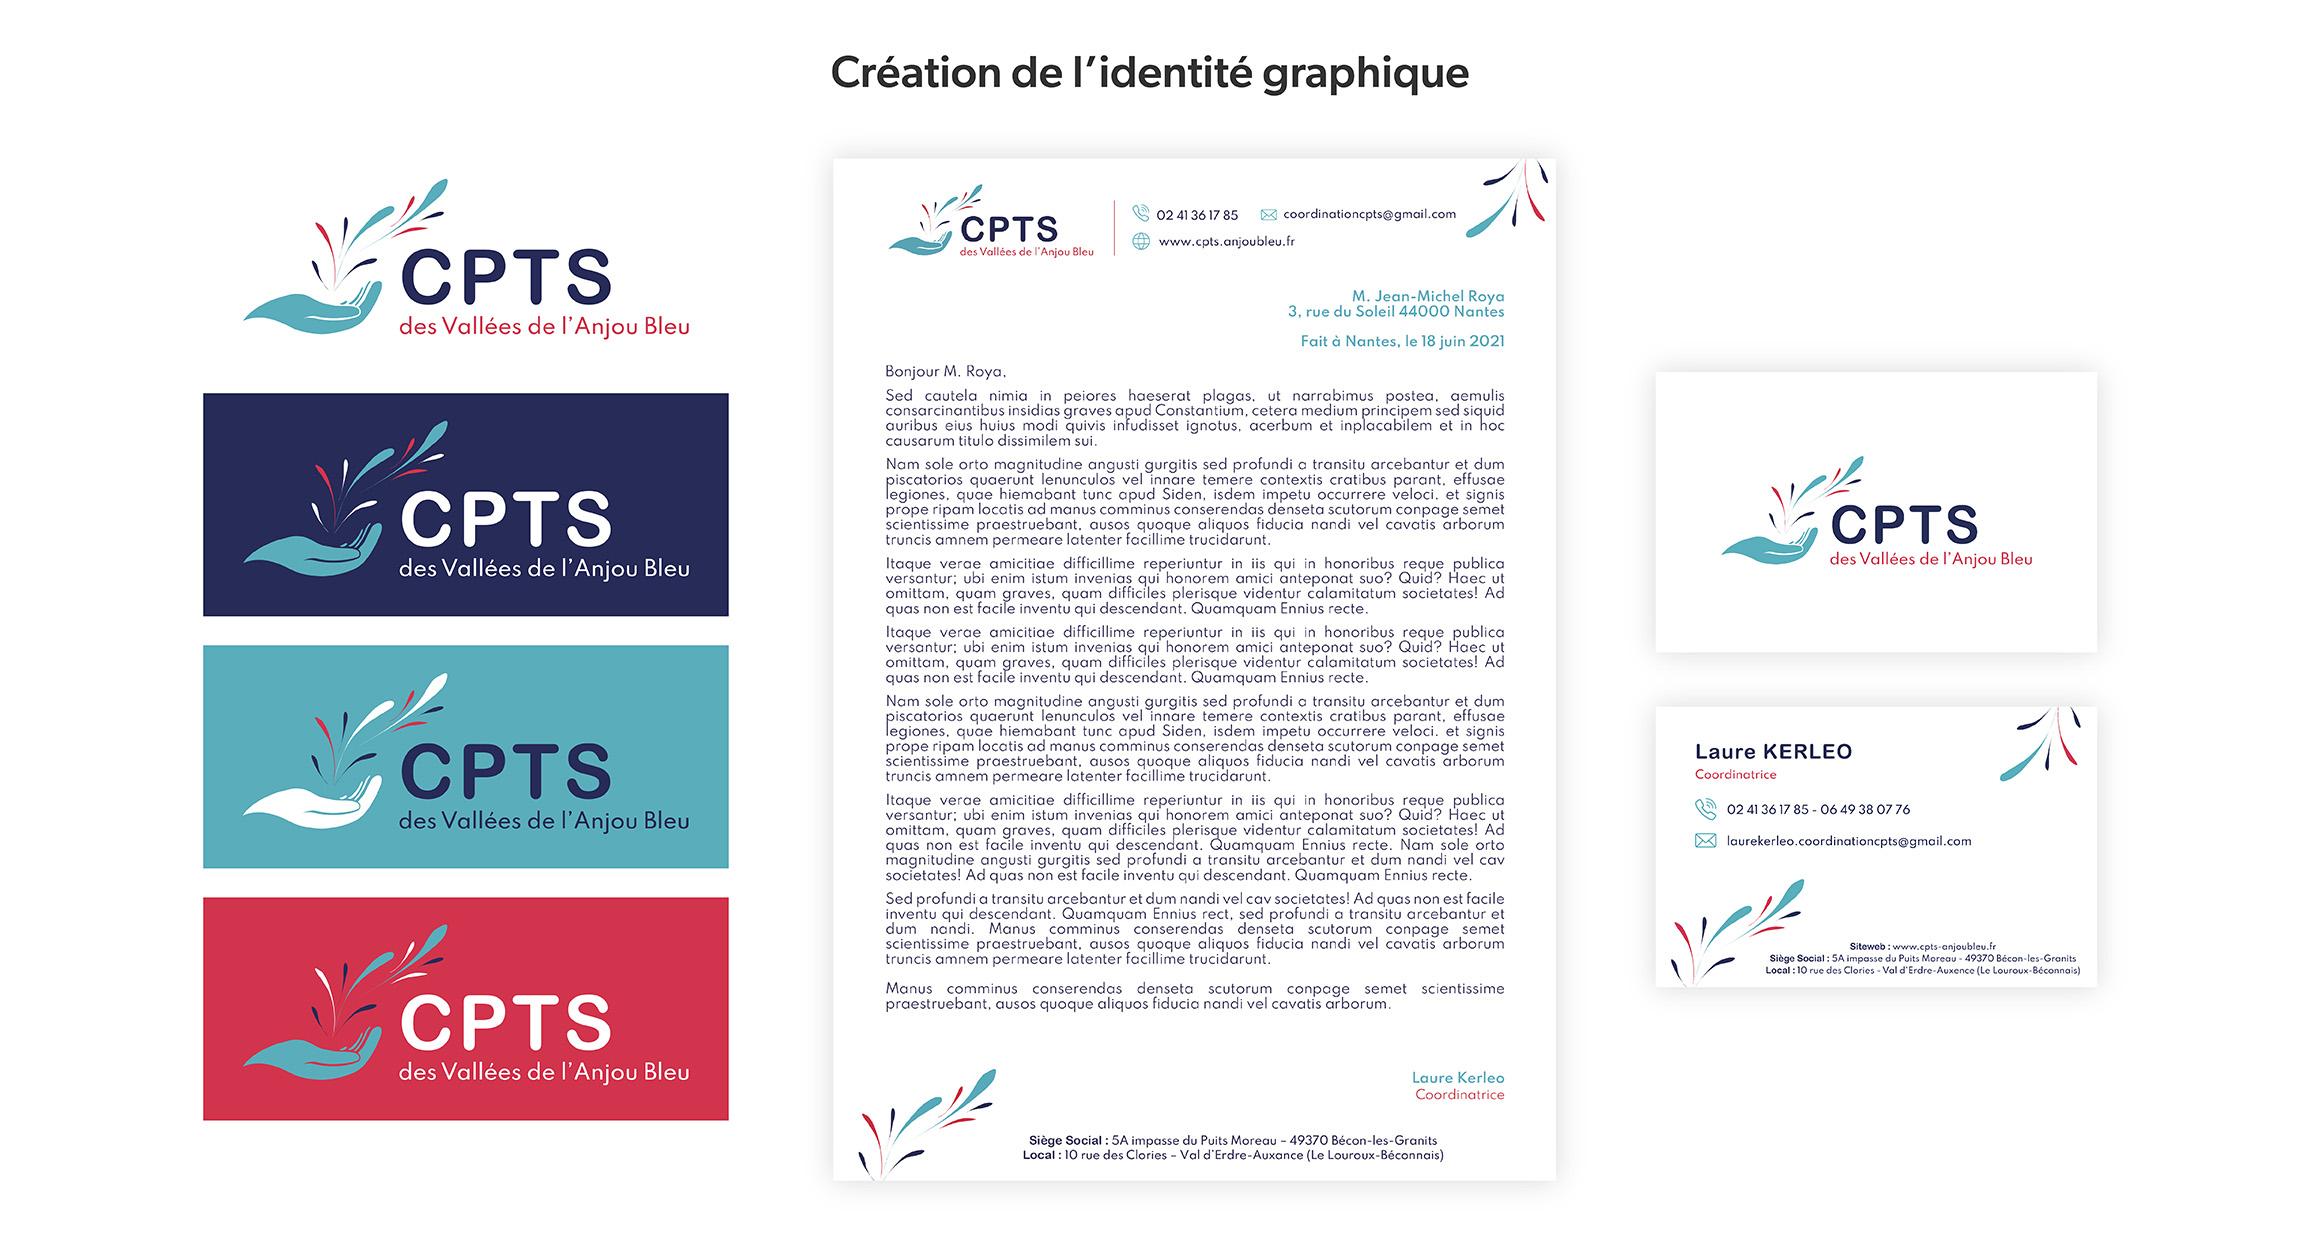 Identité graphique CPTS des Vallées de l'Anjou Bleu